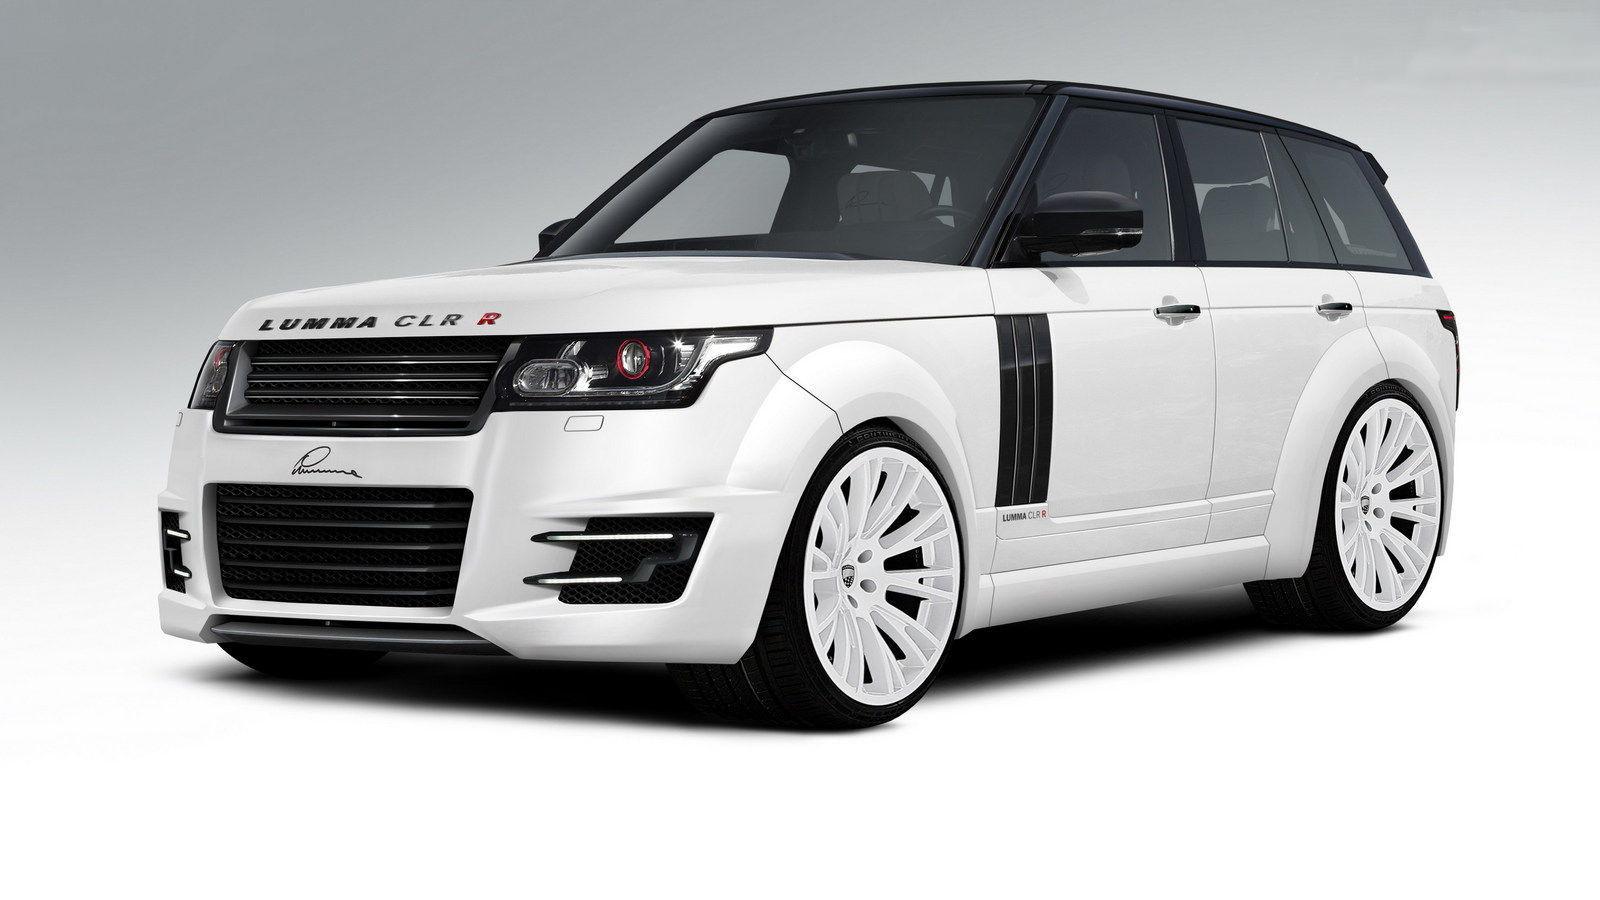 2013 Land Rover Lumma Design - Lançamentos e Novidades ...